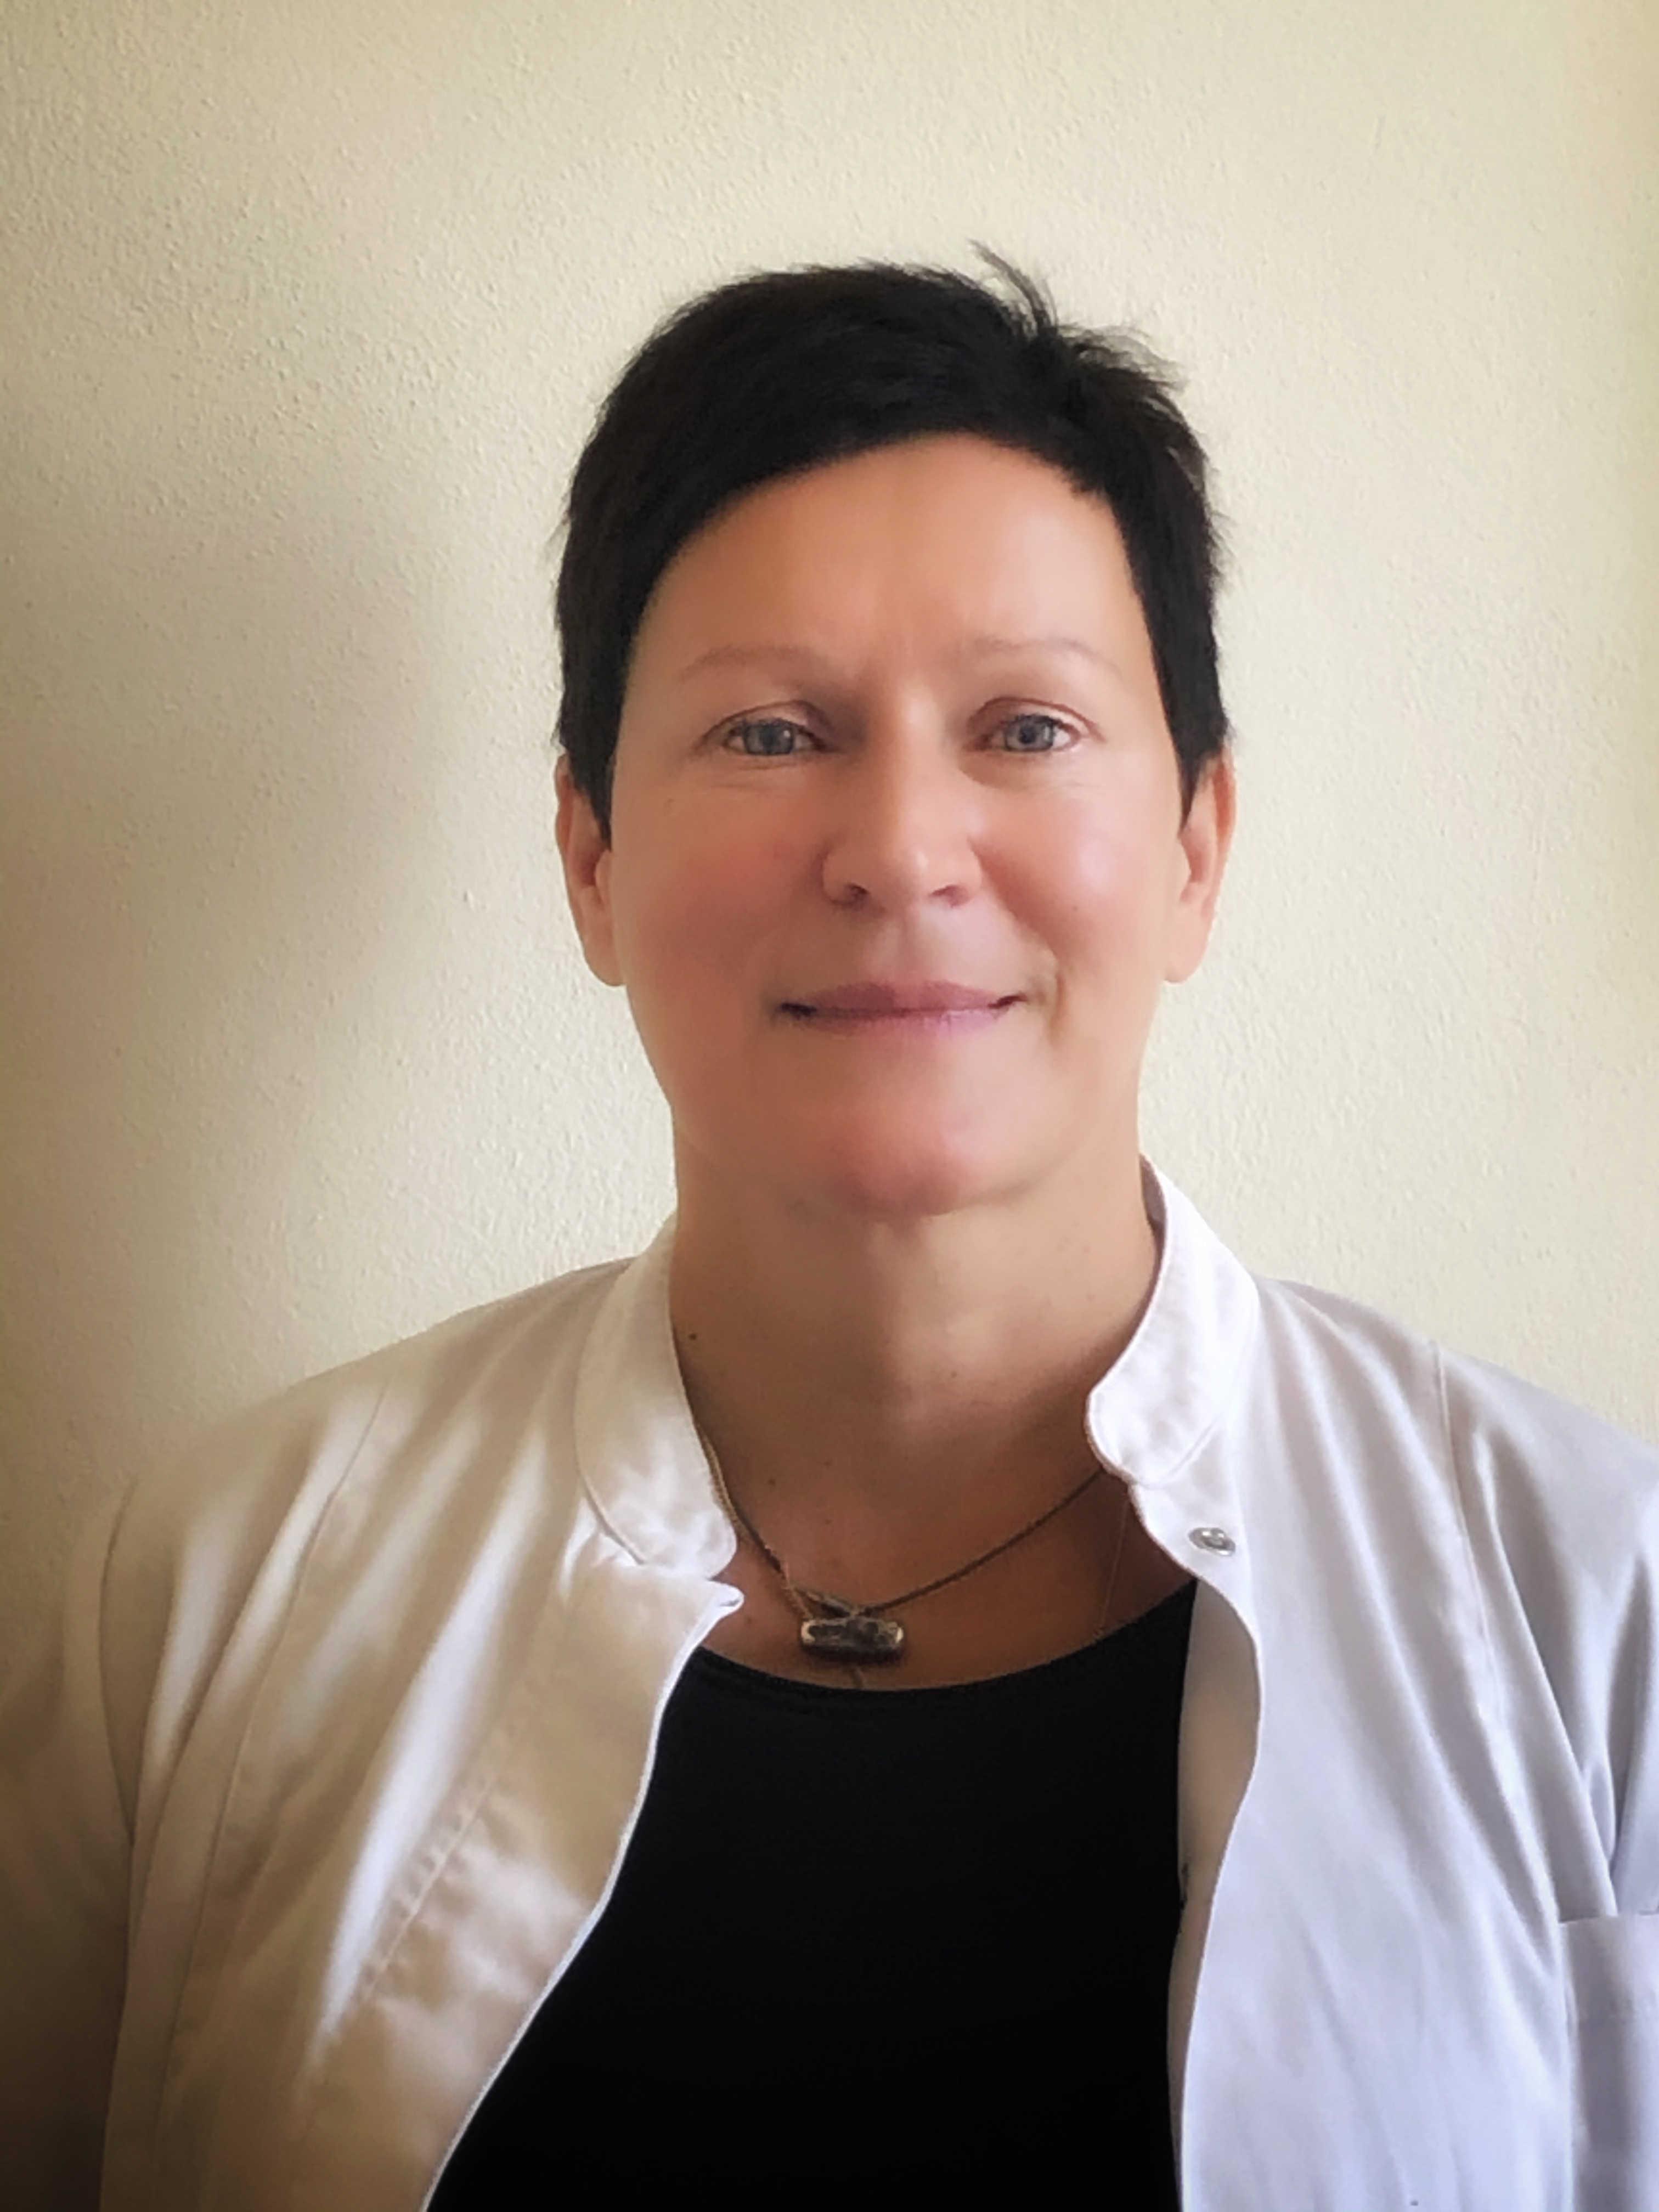 Anette Sudmann